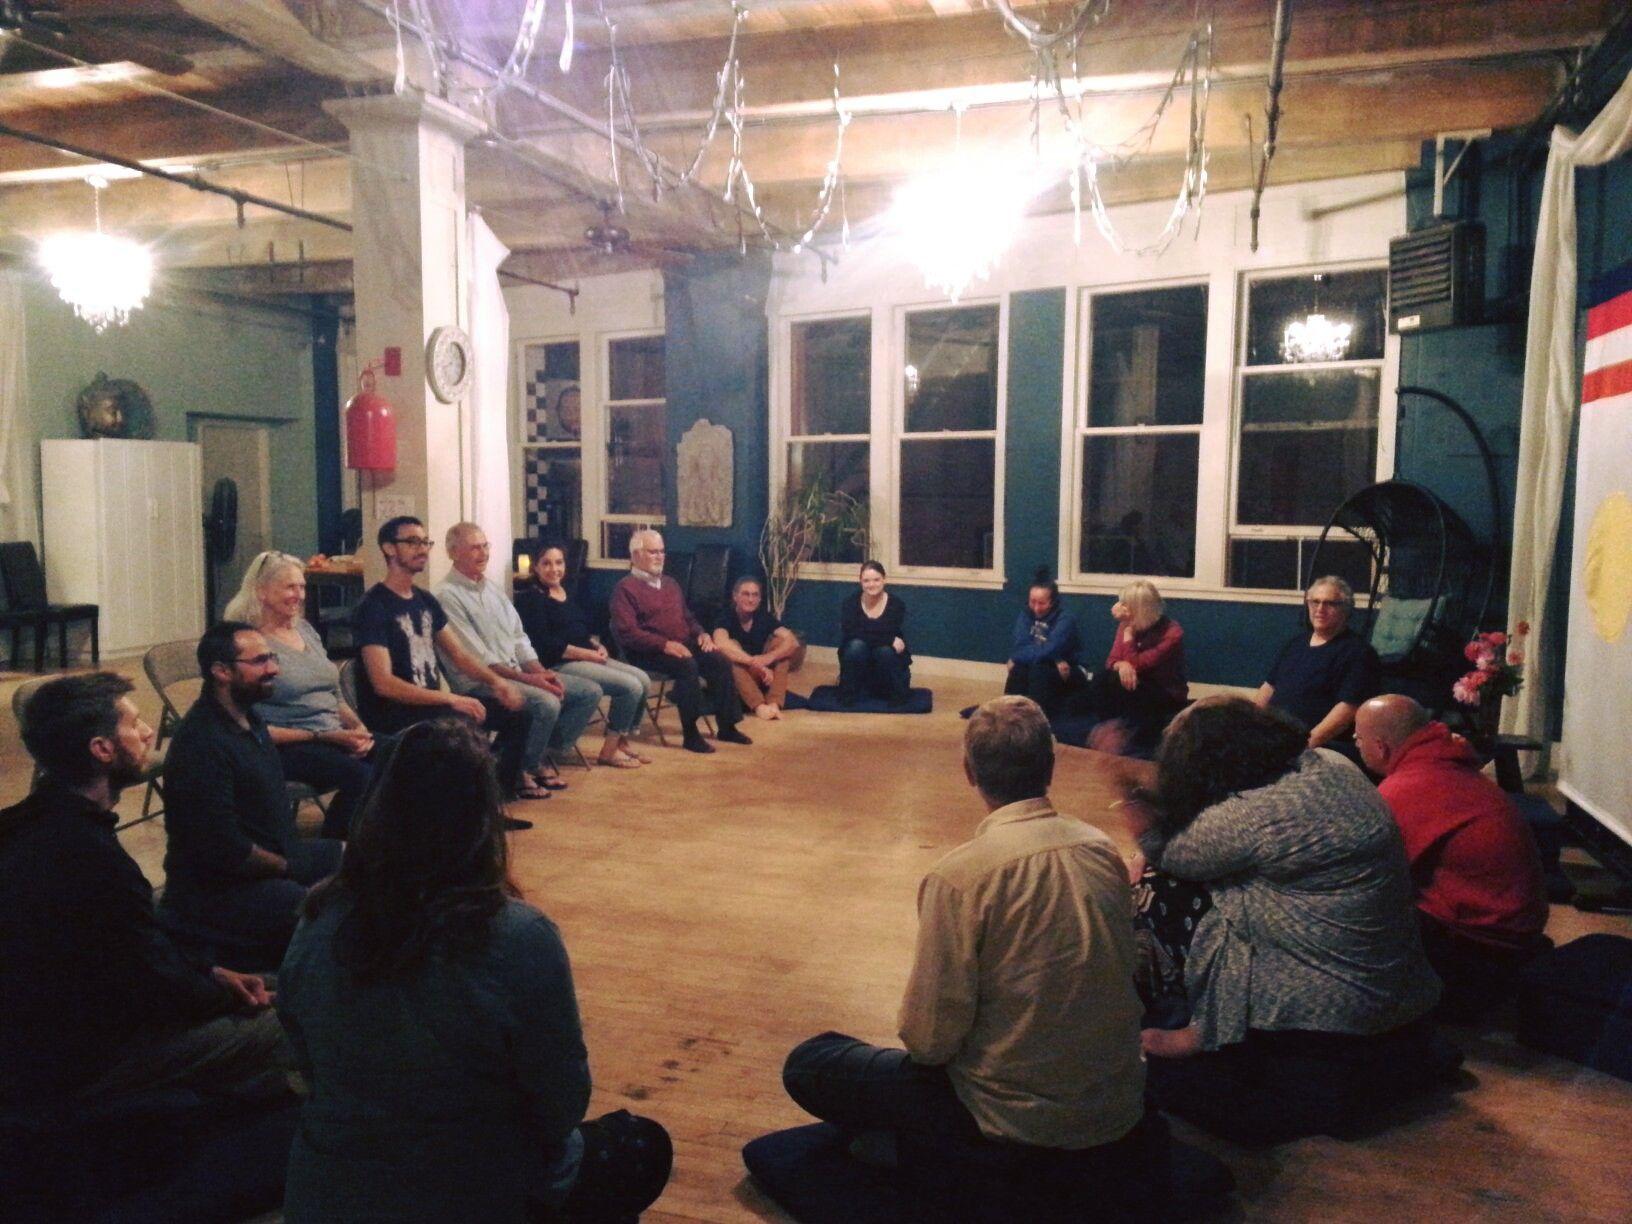 Tacoma Shambhala Meditation